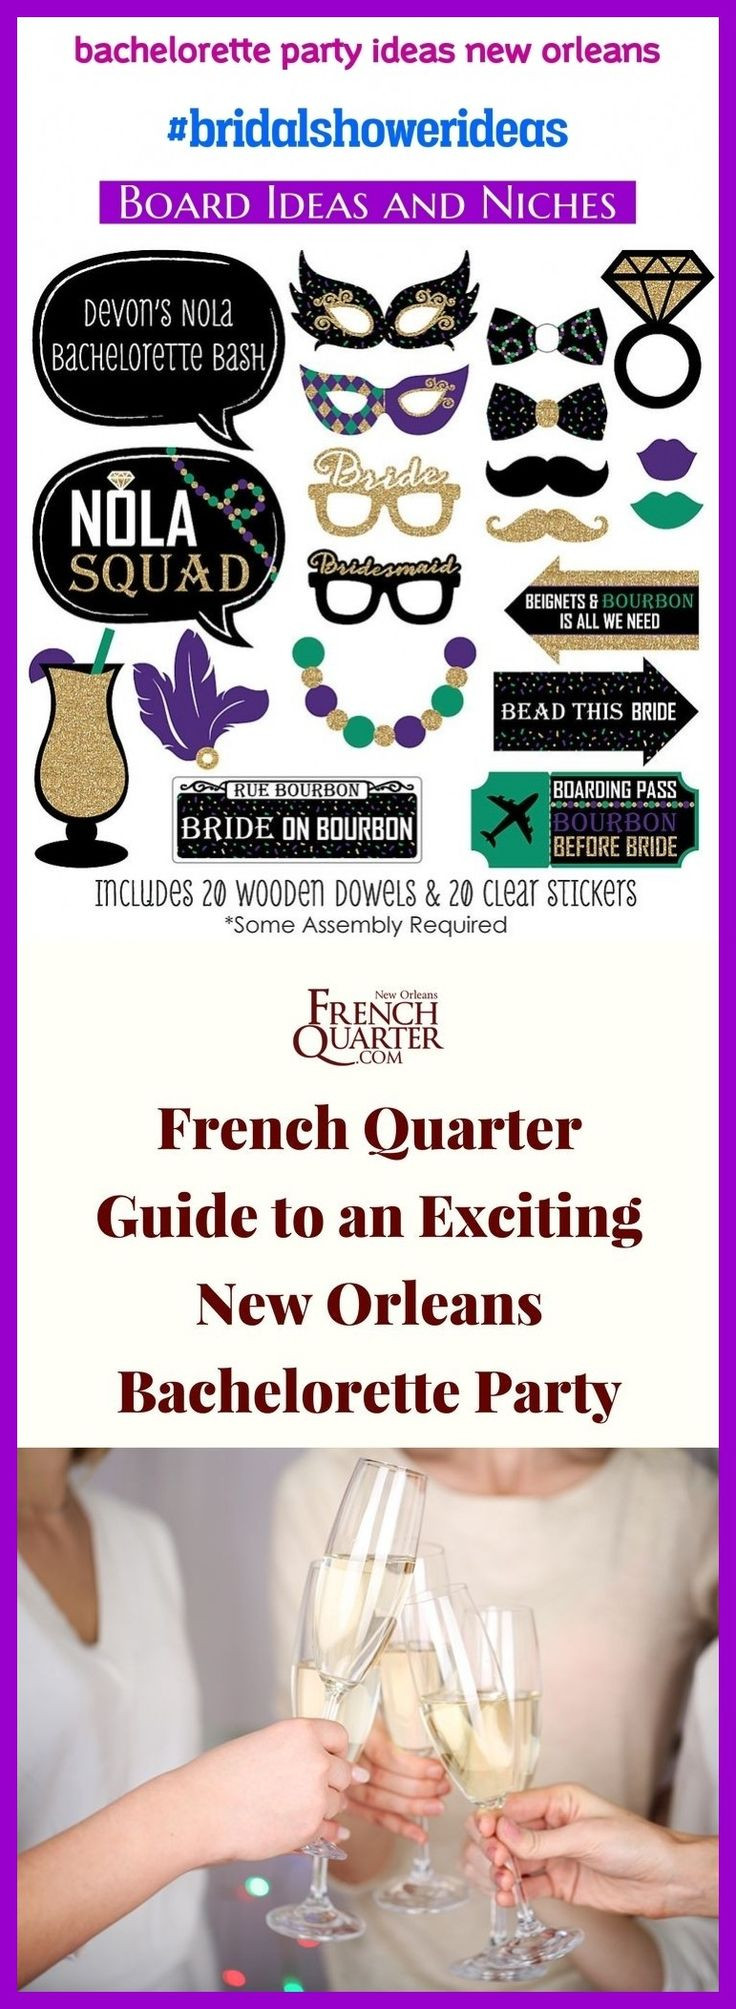 Tasteful Bachelorette Party Ideas  Bachelorette party ideas new orleans bridalshowerideas